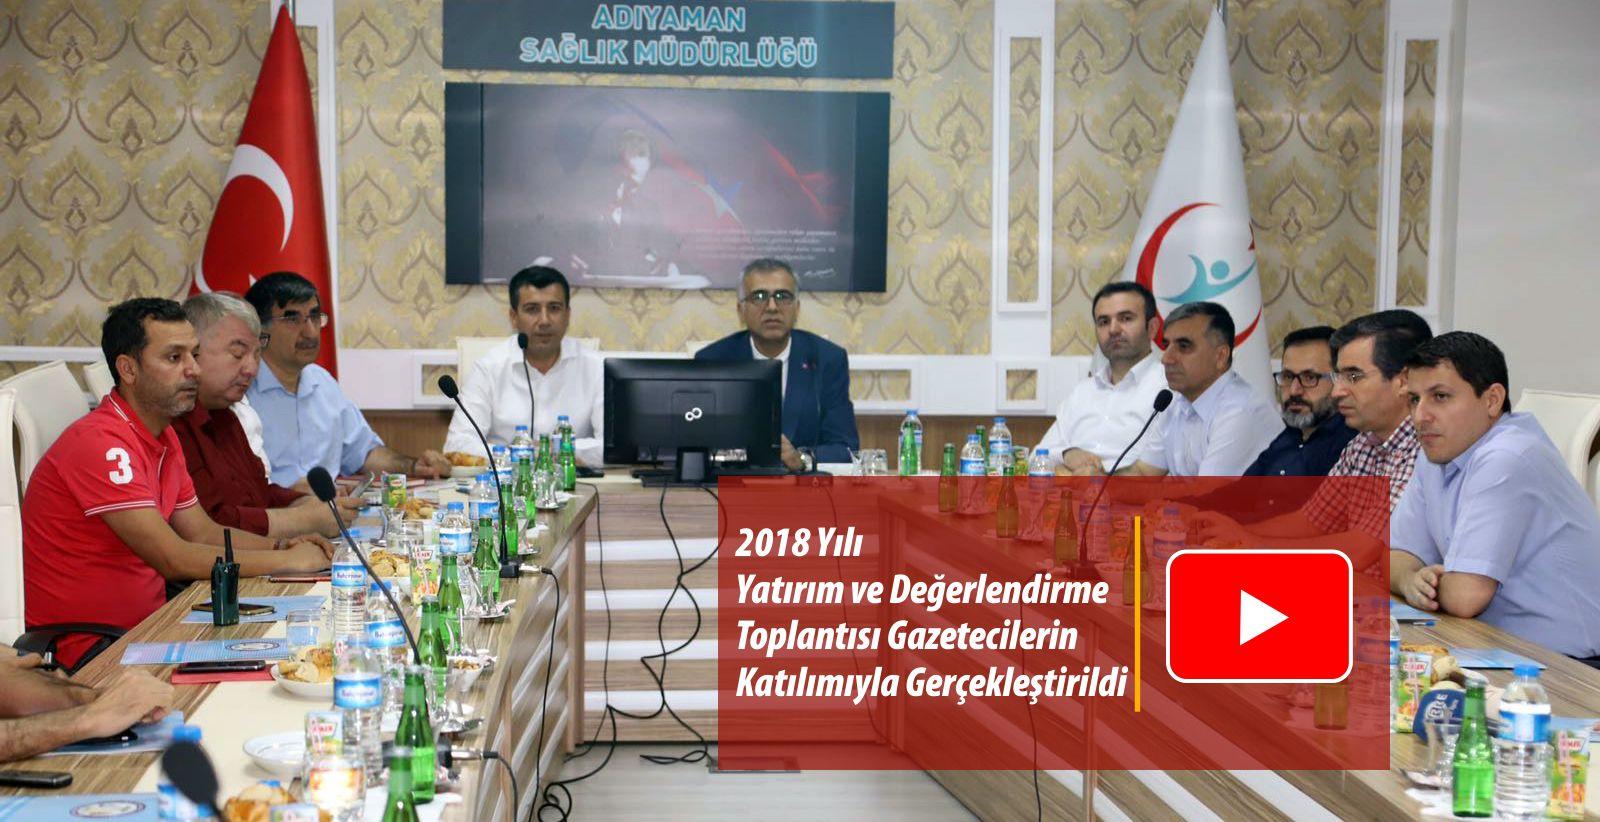 Müdürlüğümüz 2018 Yılı Yatırım ve Değerlendirme Toplantısını Gazetecilerin Katılımıyla Gerçekleştirdi